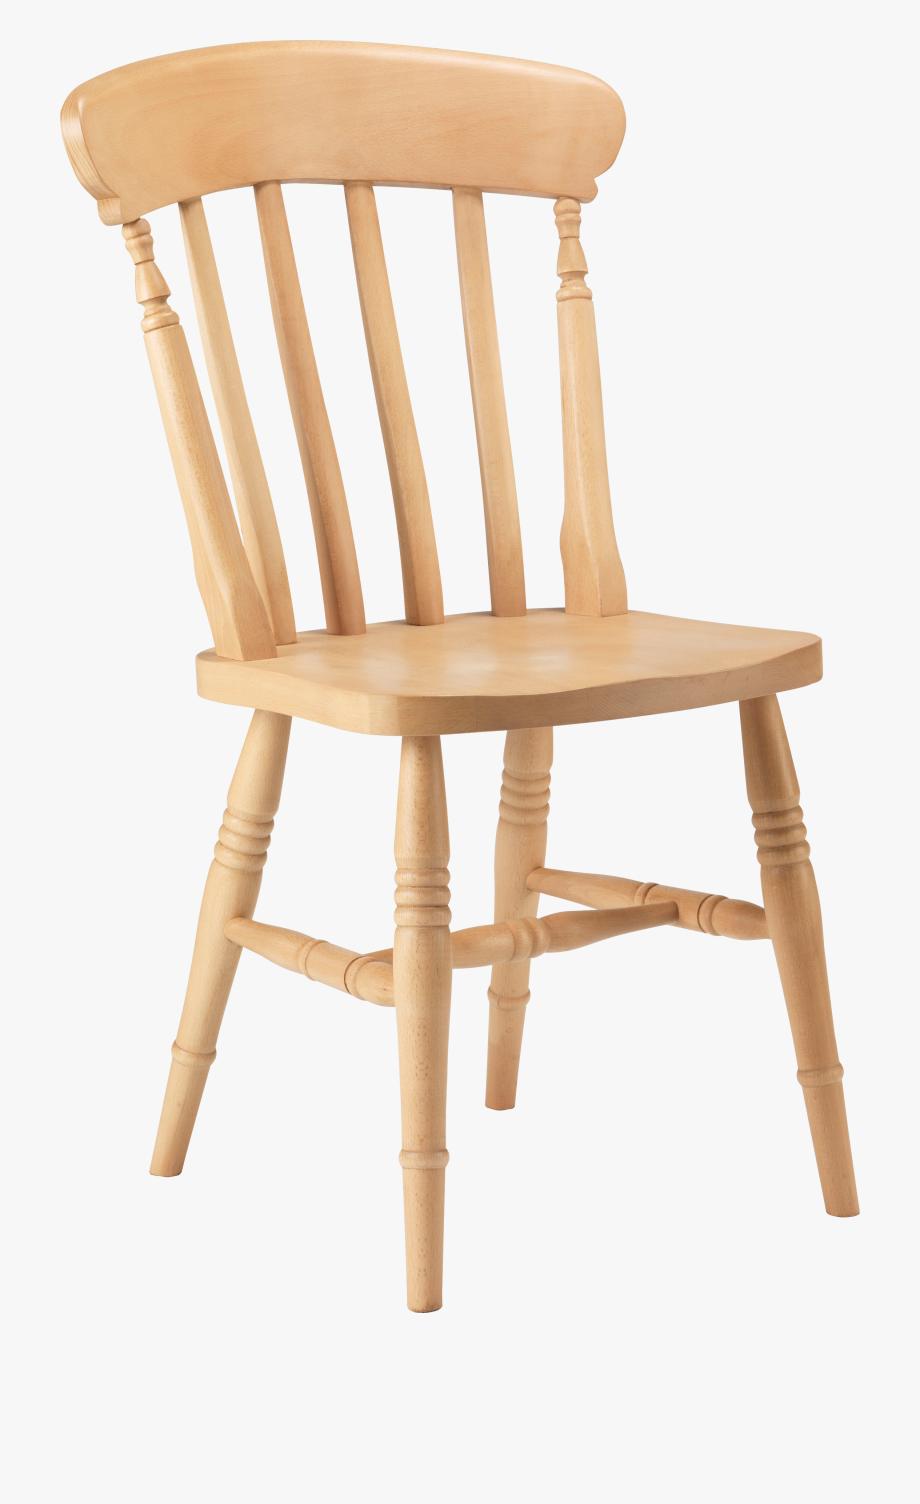 Chair Clipart Steel Chair.